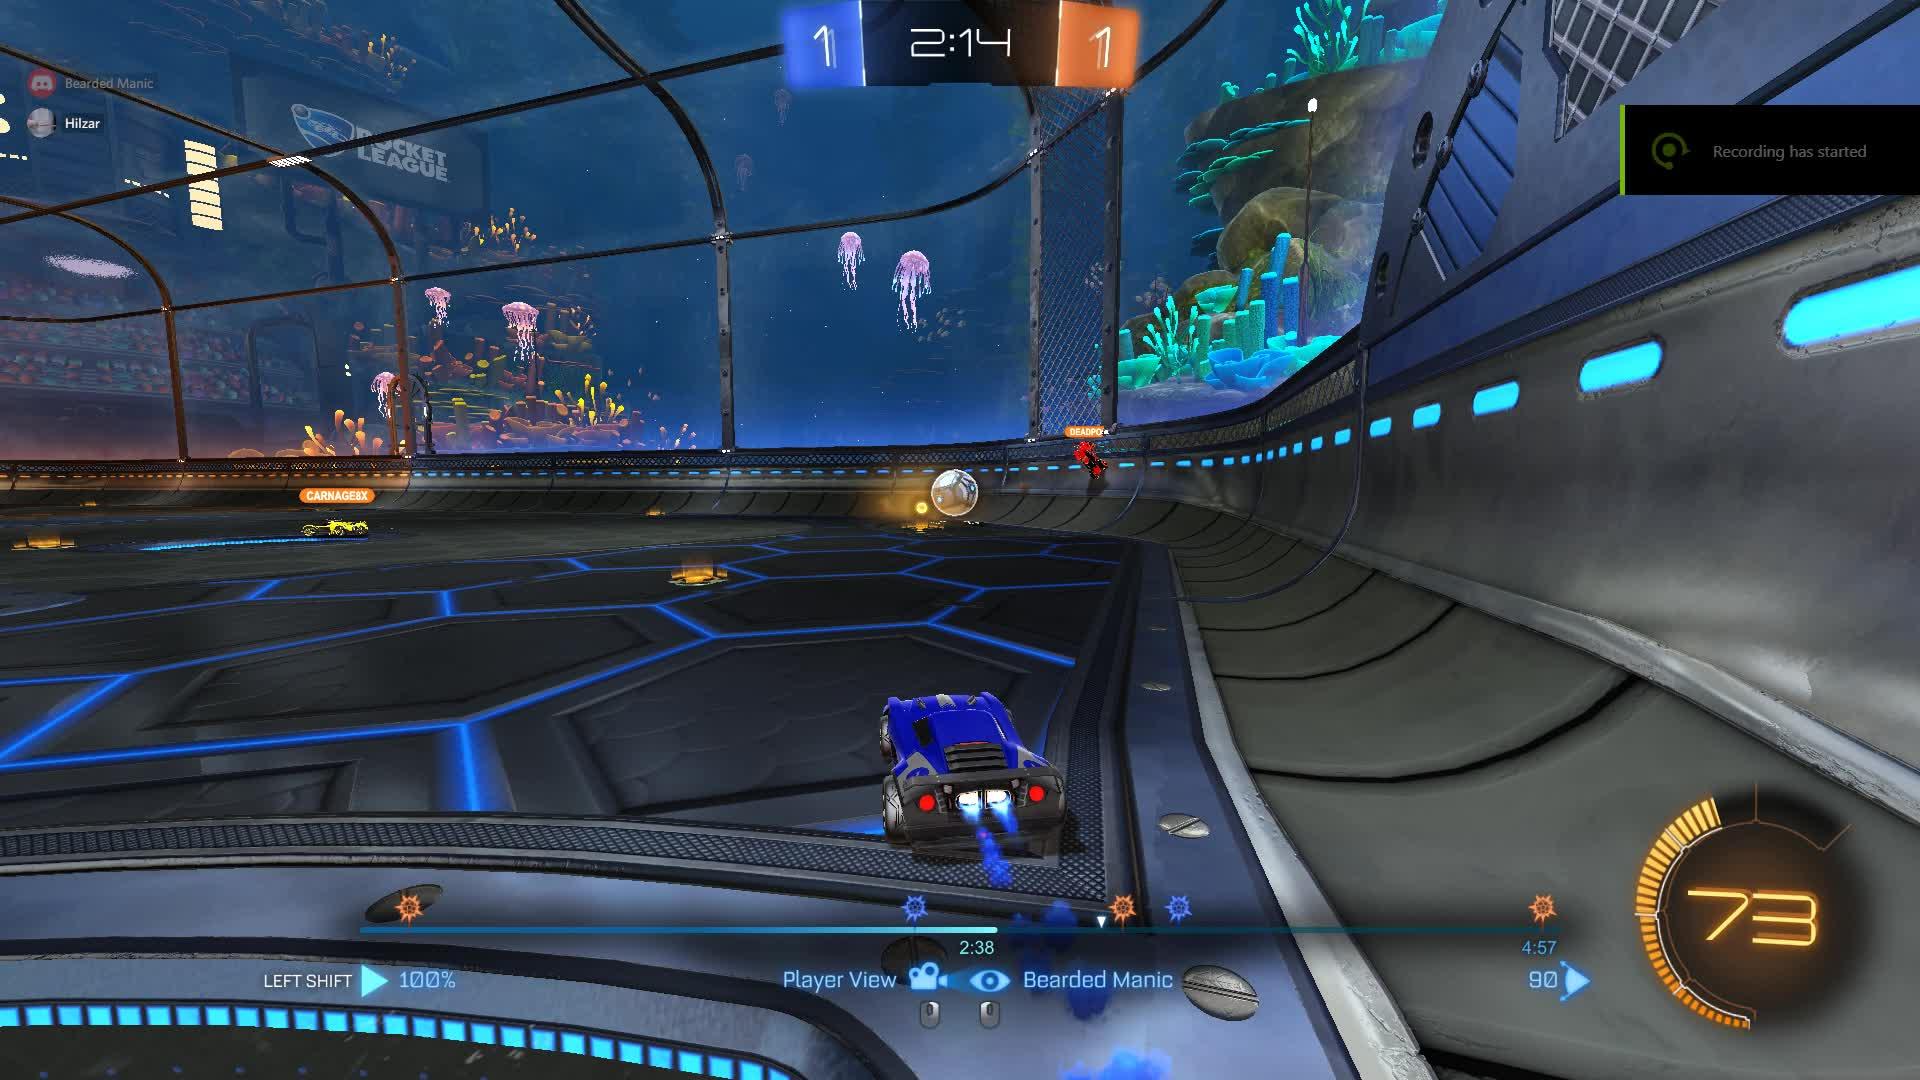 RocketLeague, beat 3 GIFs